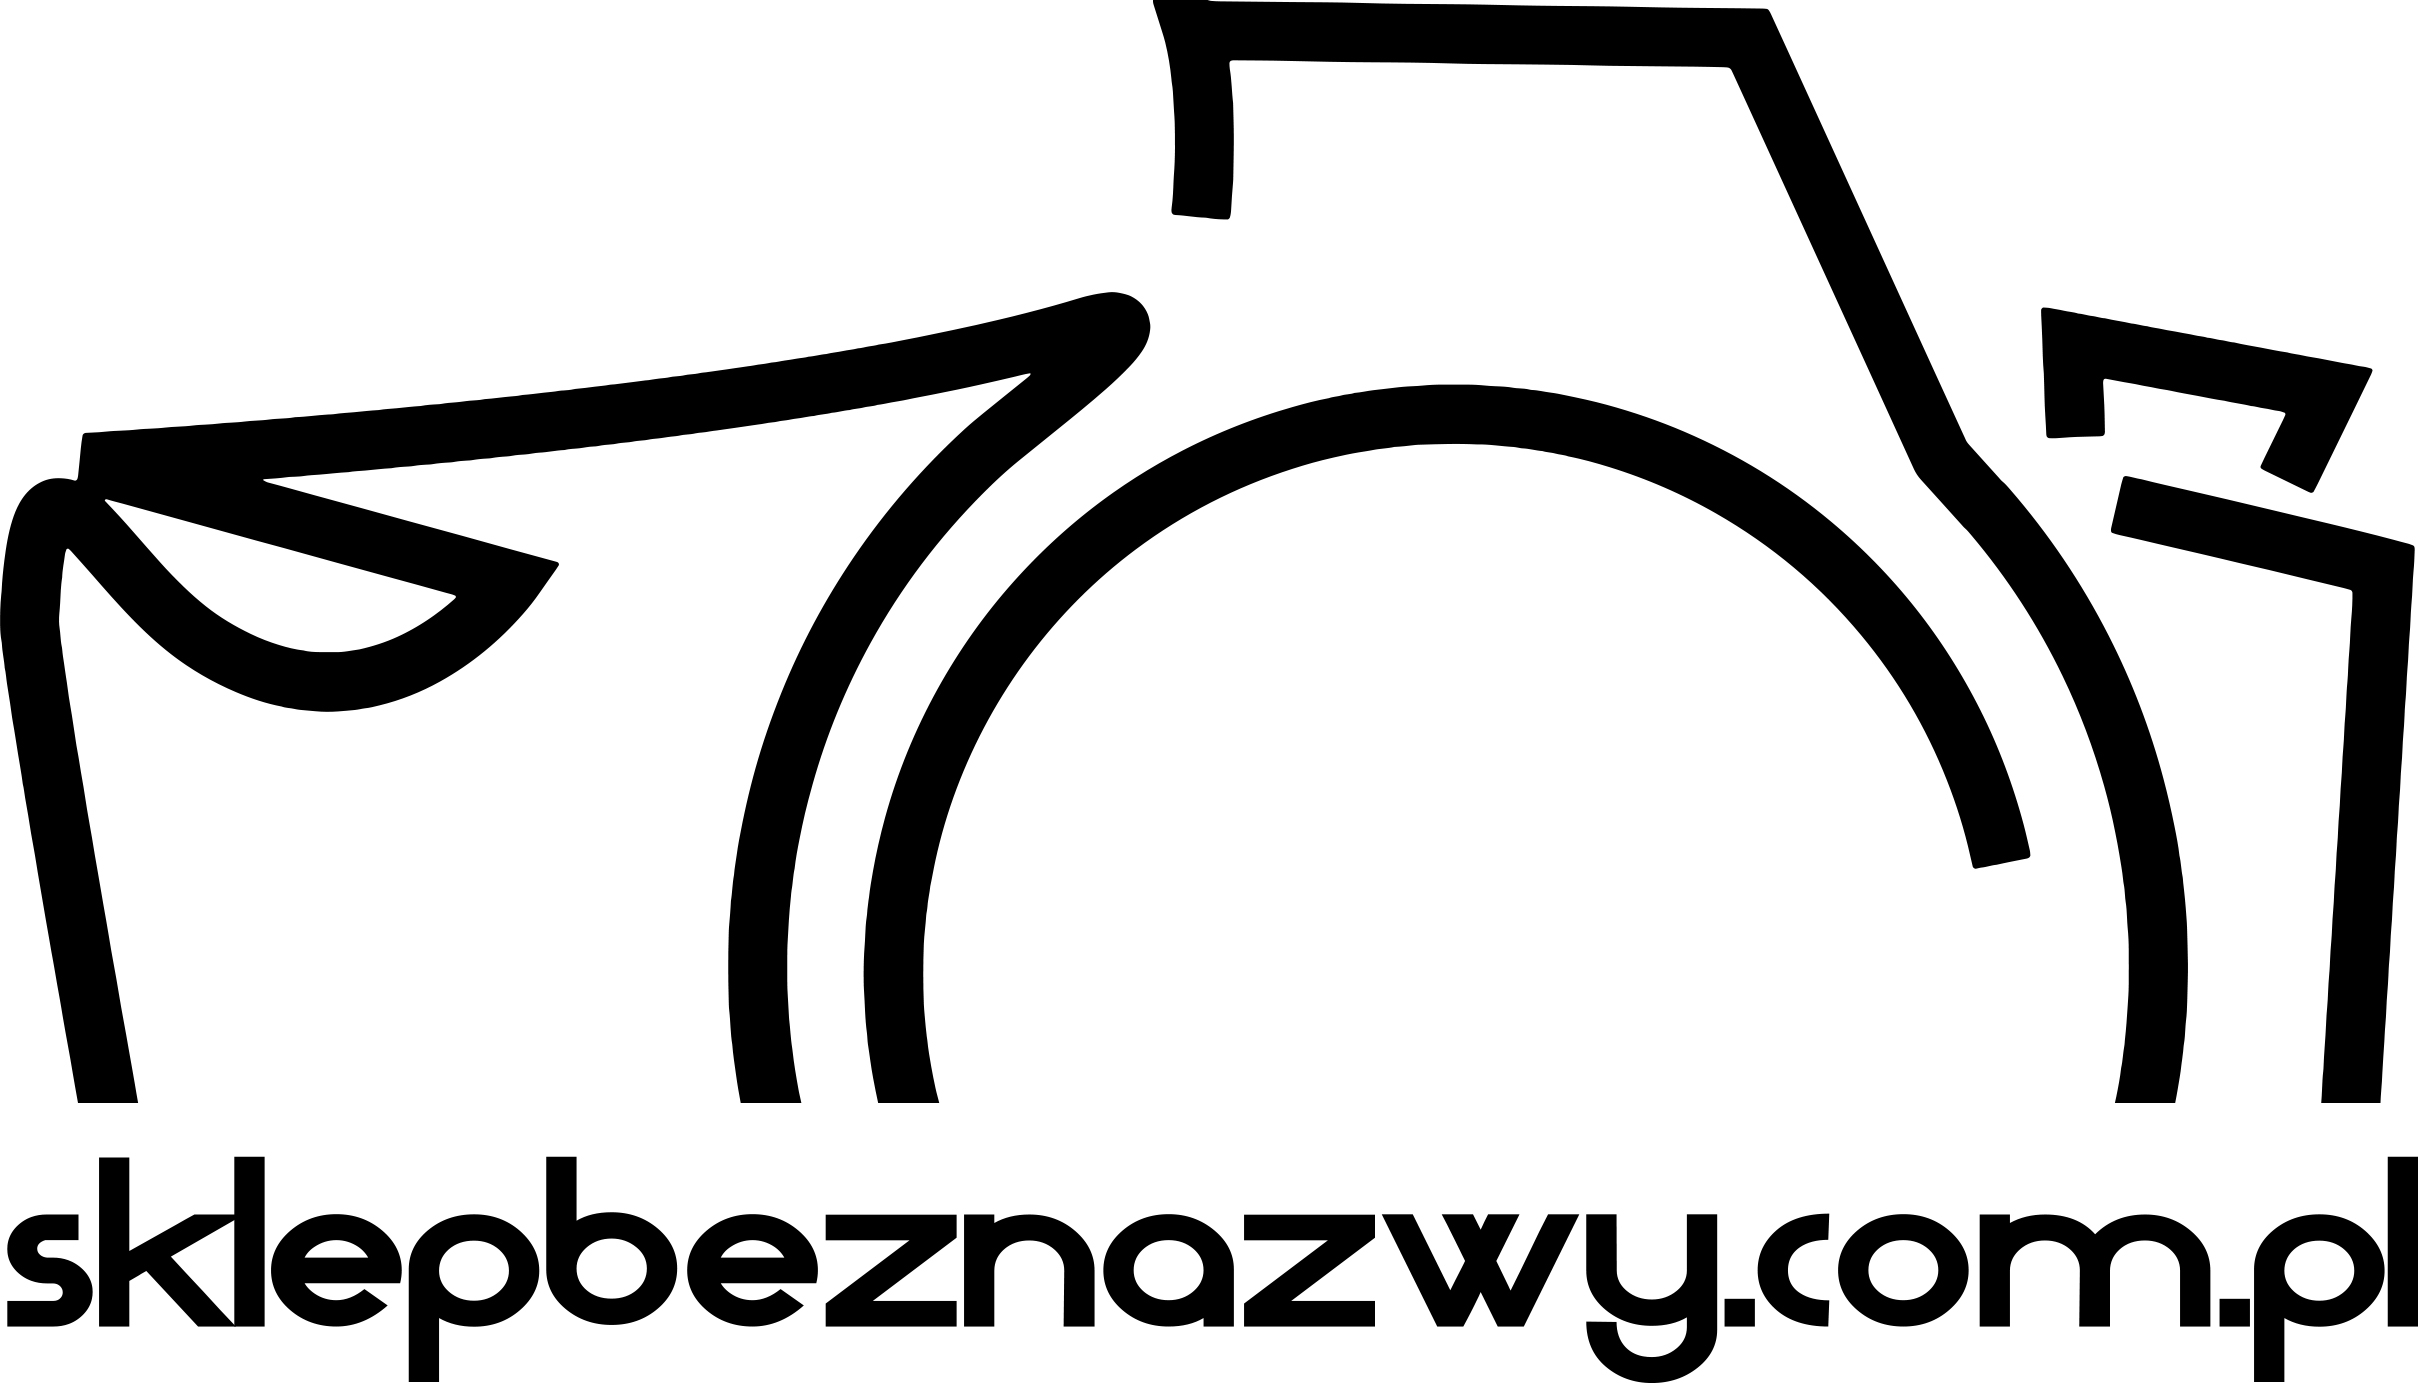 logo_SBN.jpg